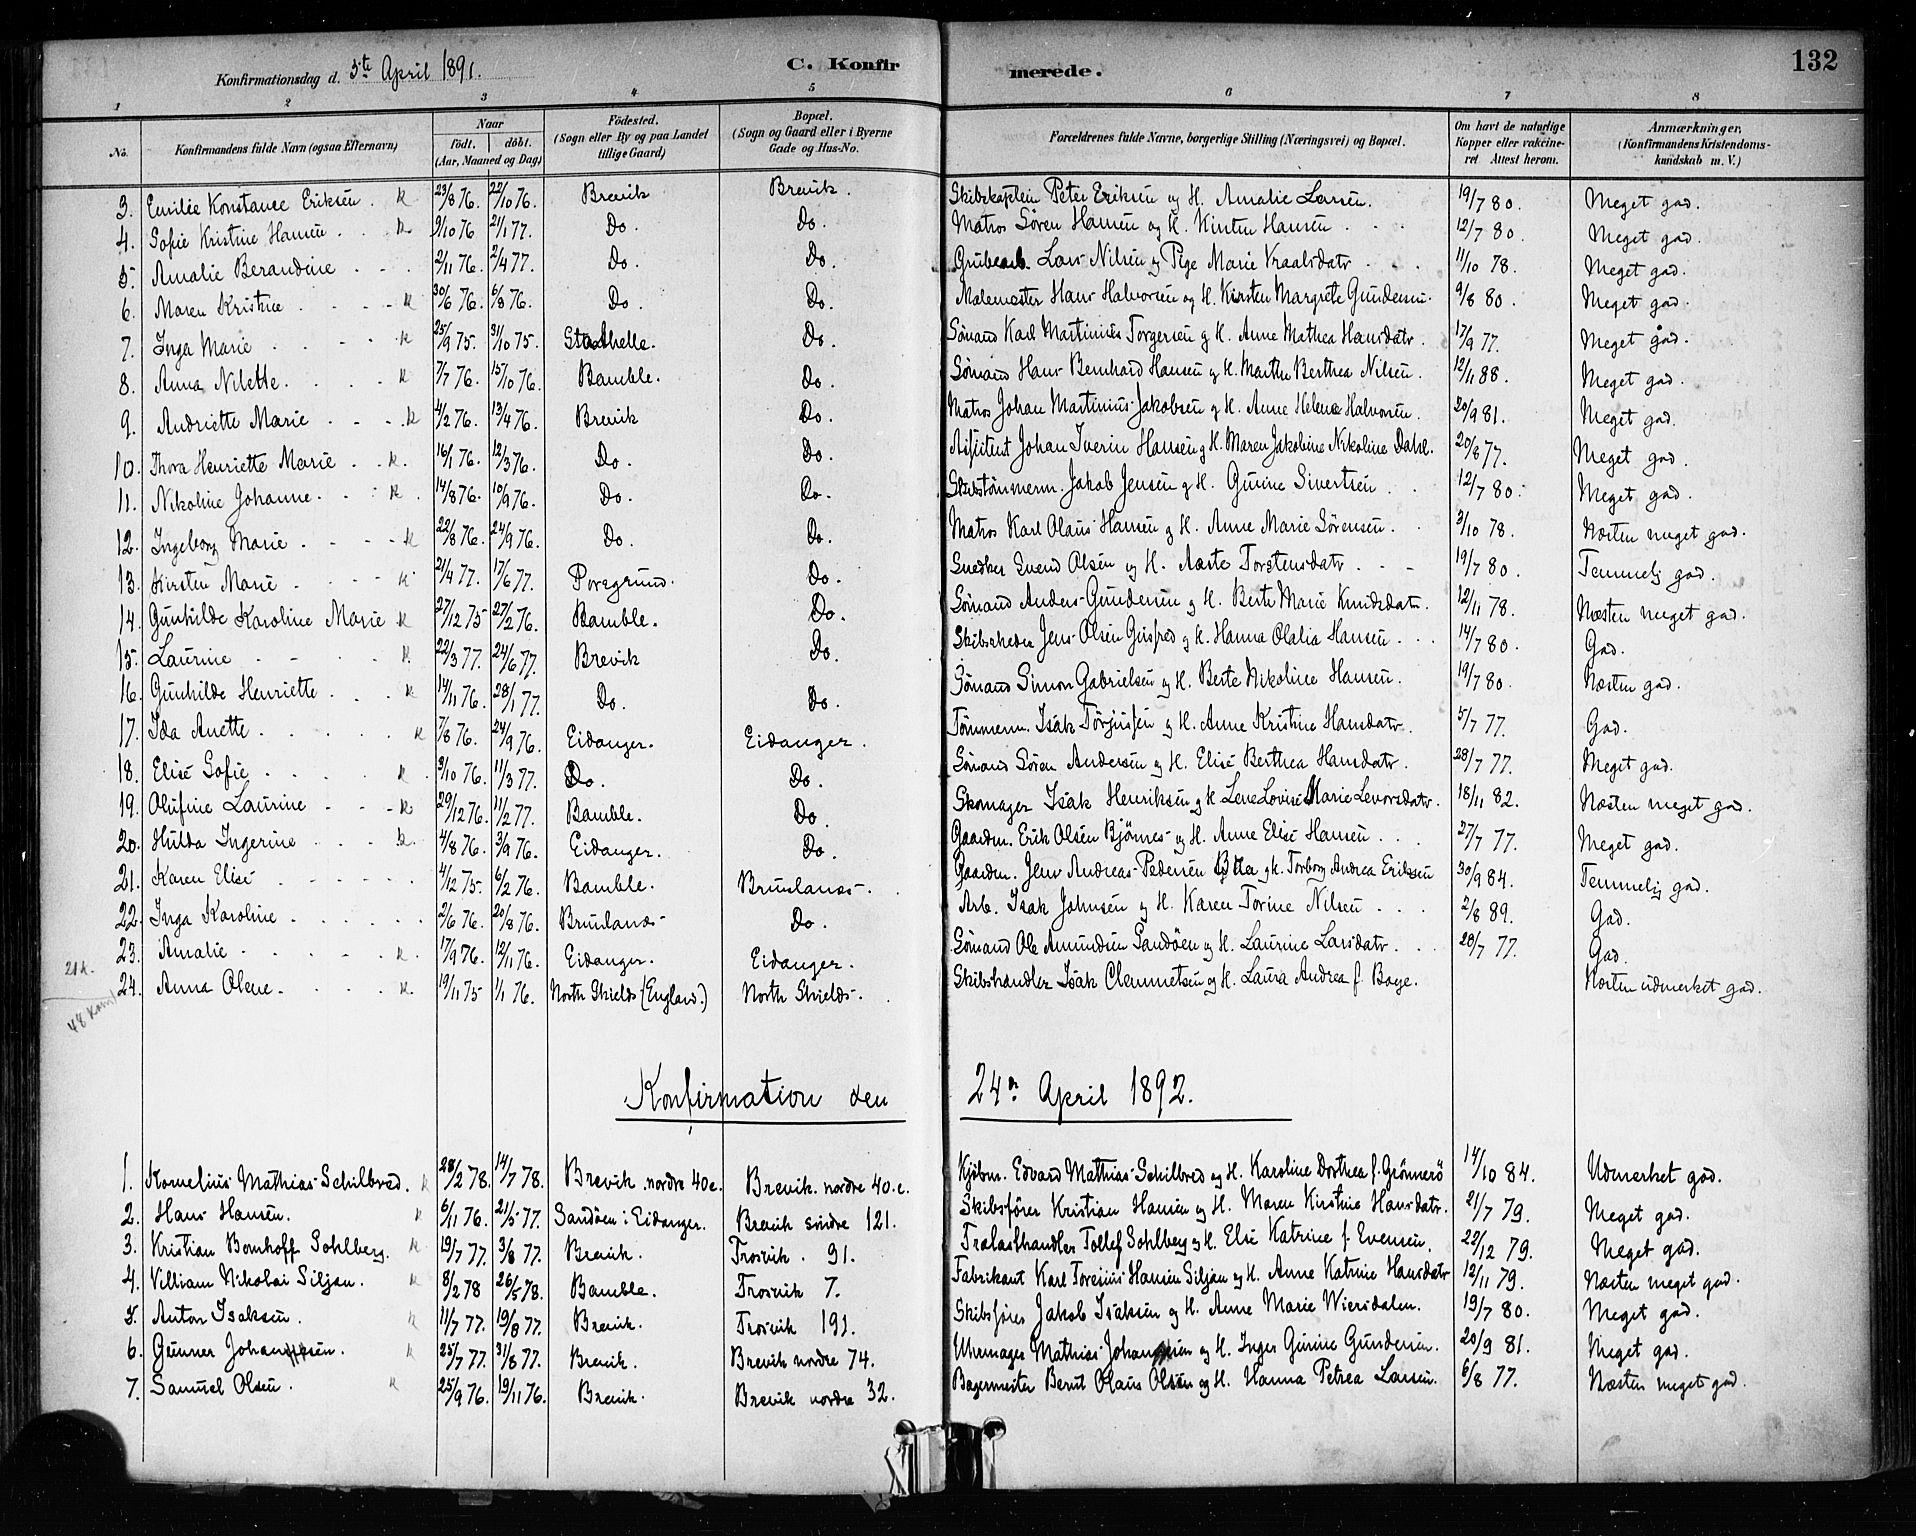 SAKO, Brevik kirkebøker, F/Fa/L0007: Ministerialbok nr. 7, 1882-1900, s. 132